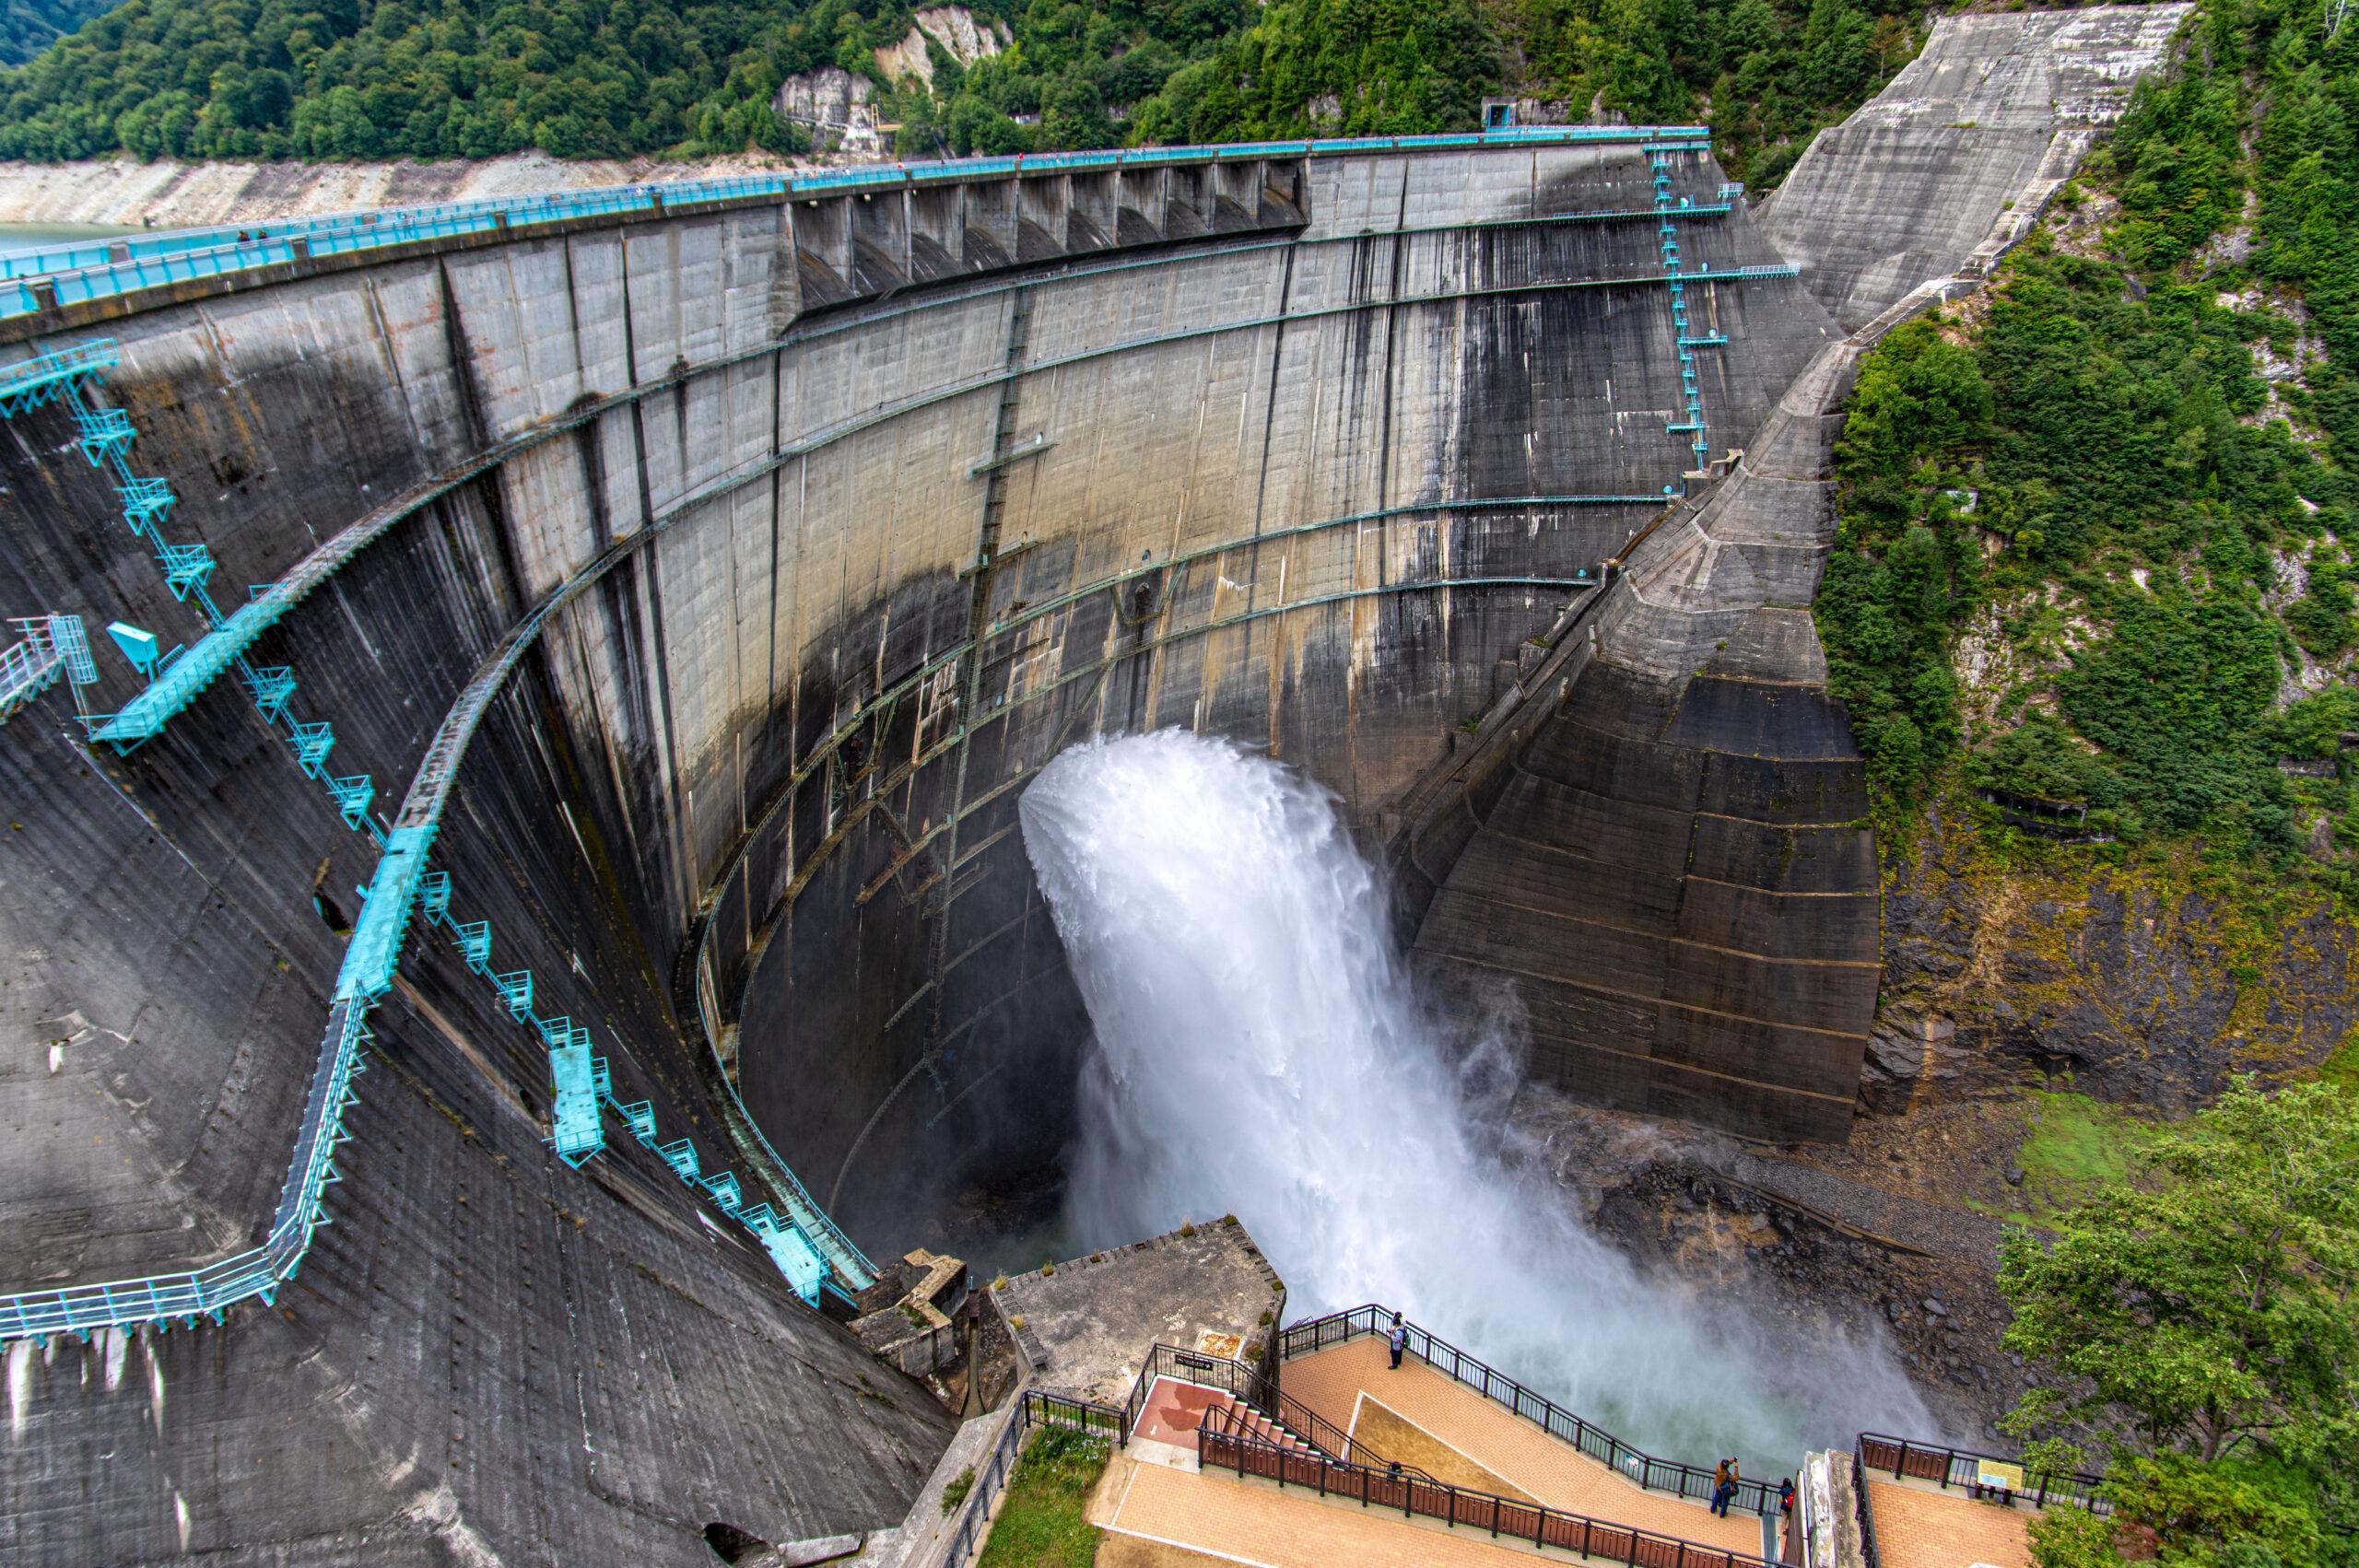 登山ルートから行けてしまう大迫力の絶景スポット!富山県の黒部ダムへの行き方!